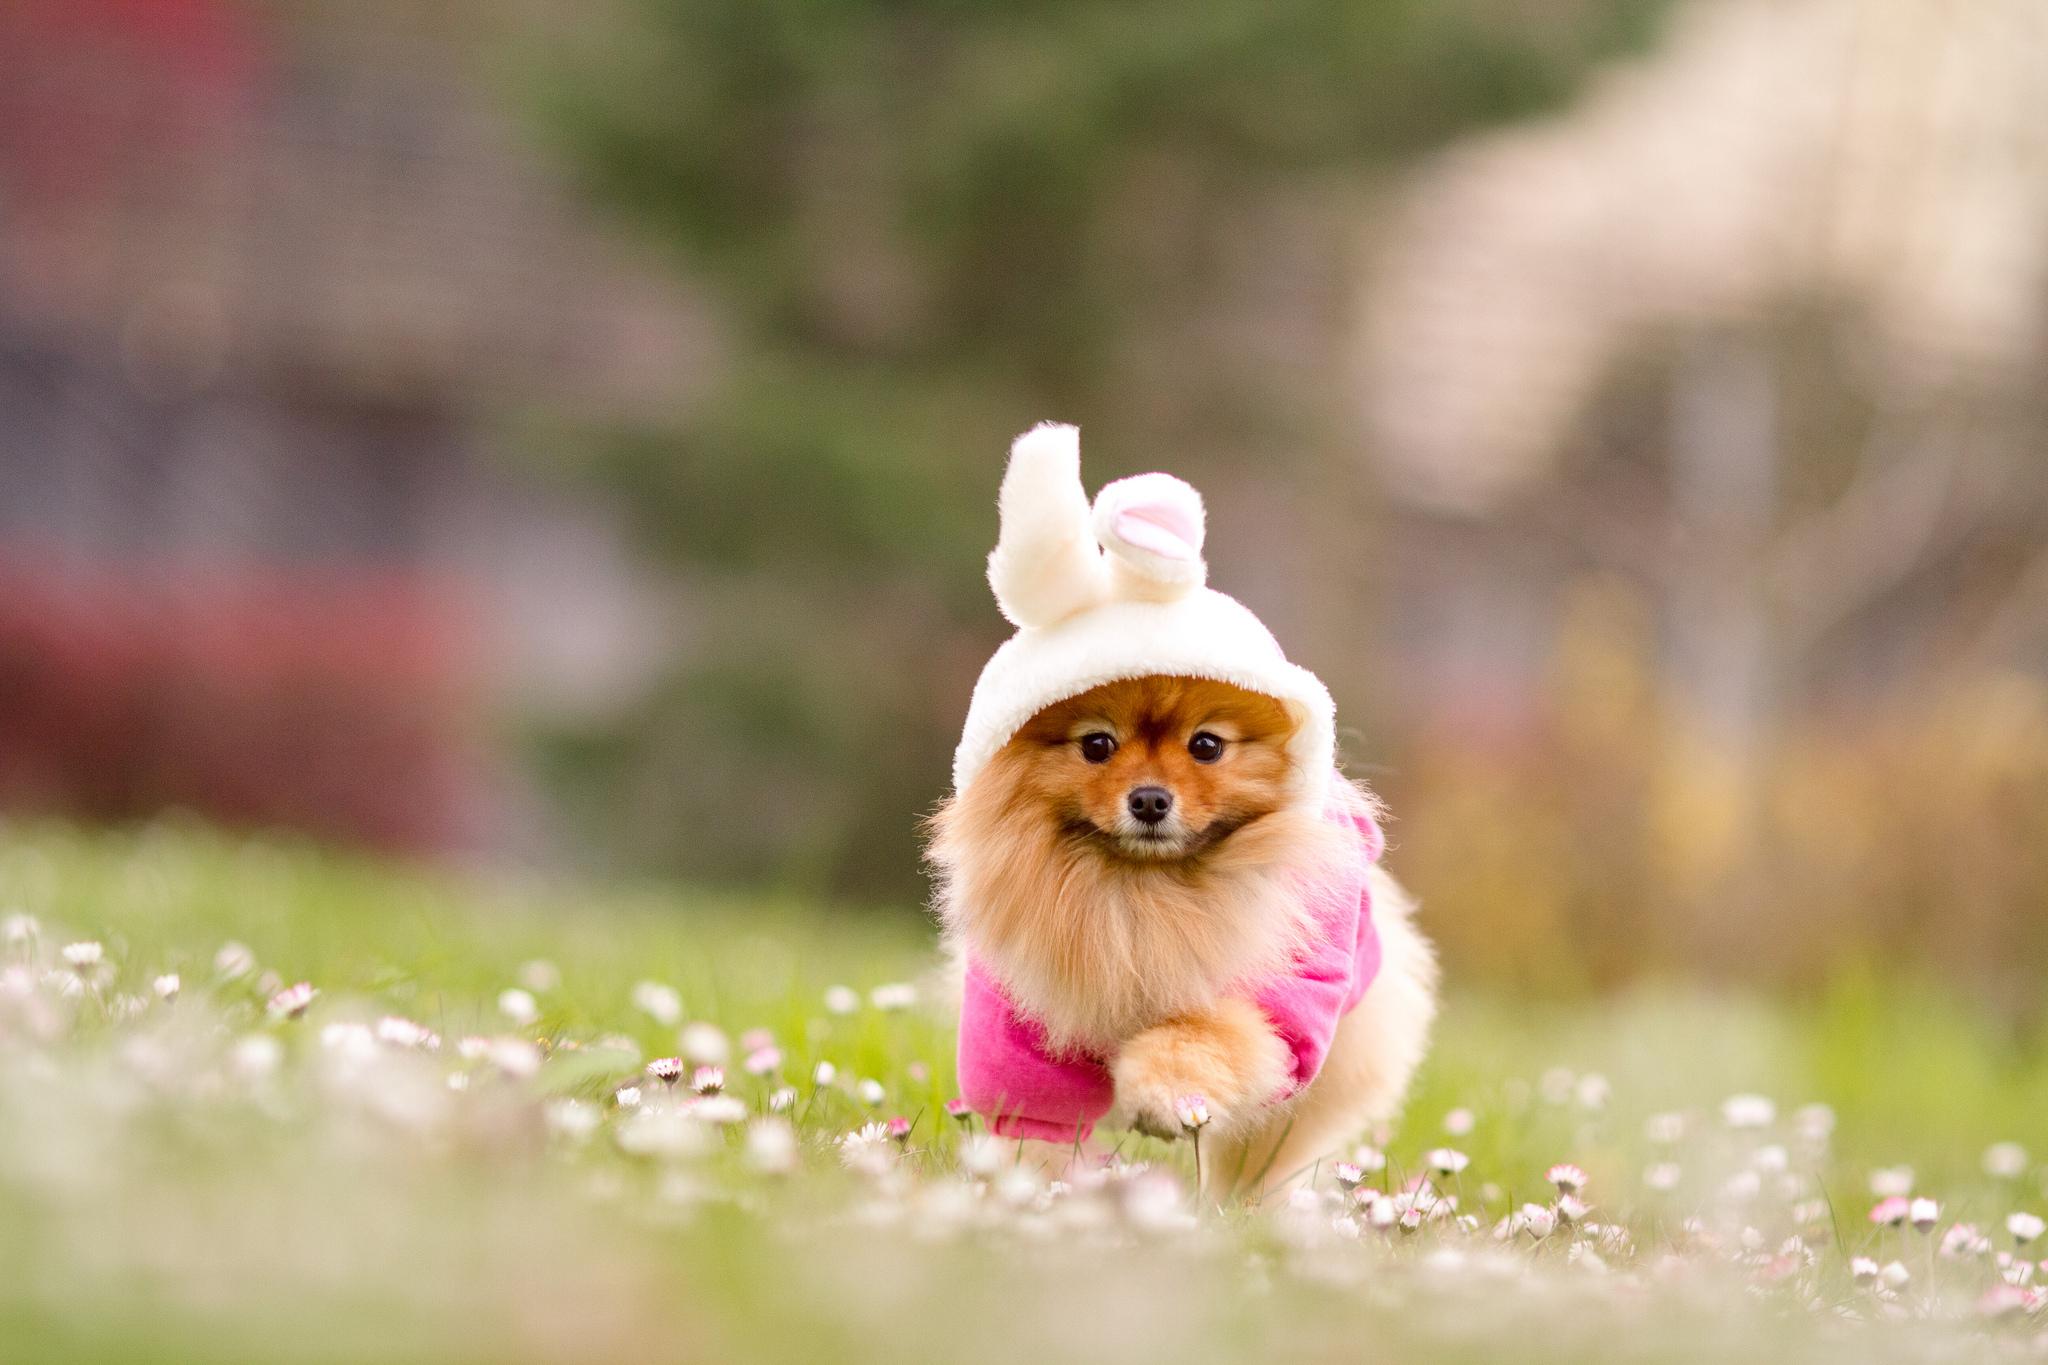 природа животные собака девочка жизнь nature animals dog girl life  № 3951026  скачать